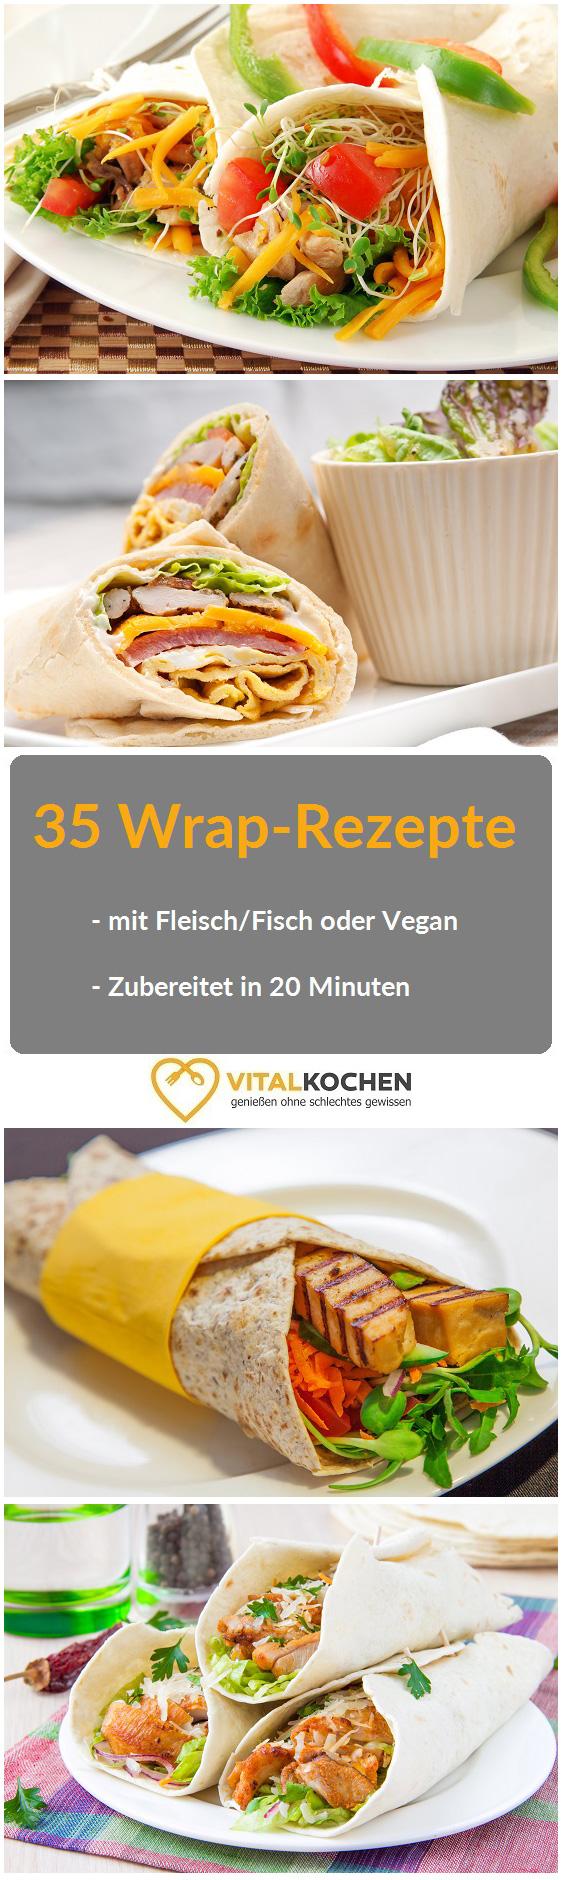 35 wrap rezepte einfach in 20 minuten zubereitet ob mit fleisch fisch vegetarisch oder vegan. Black Bedroom Furniture Sets. Home Design Ideas